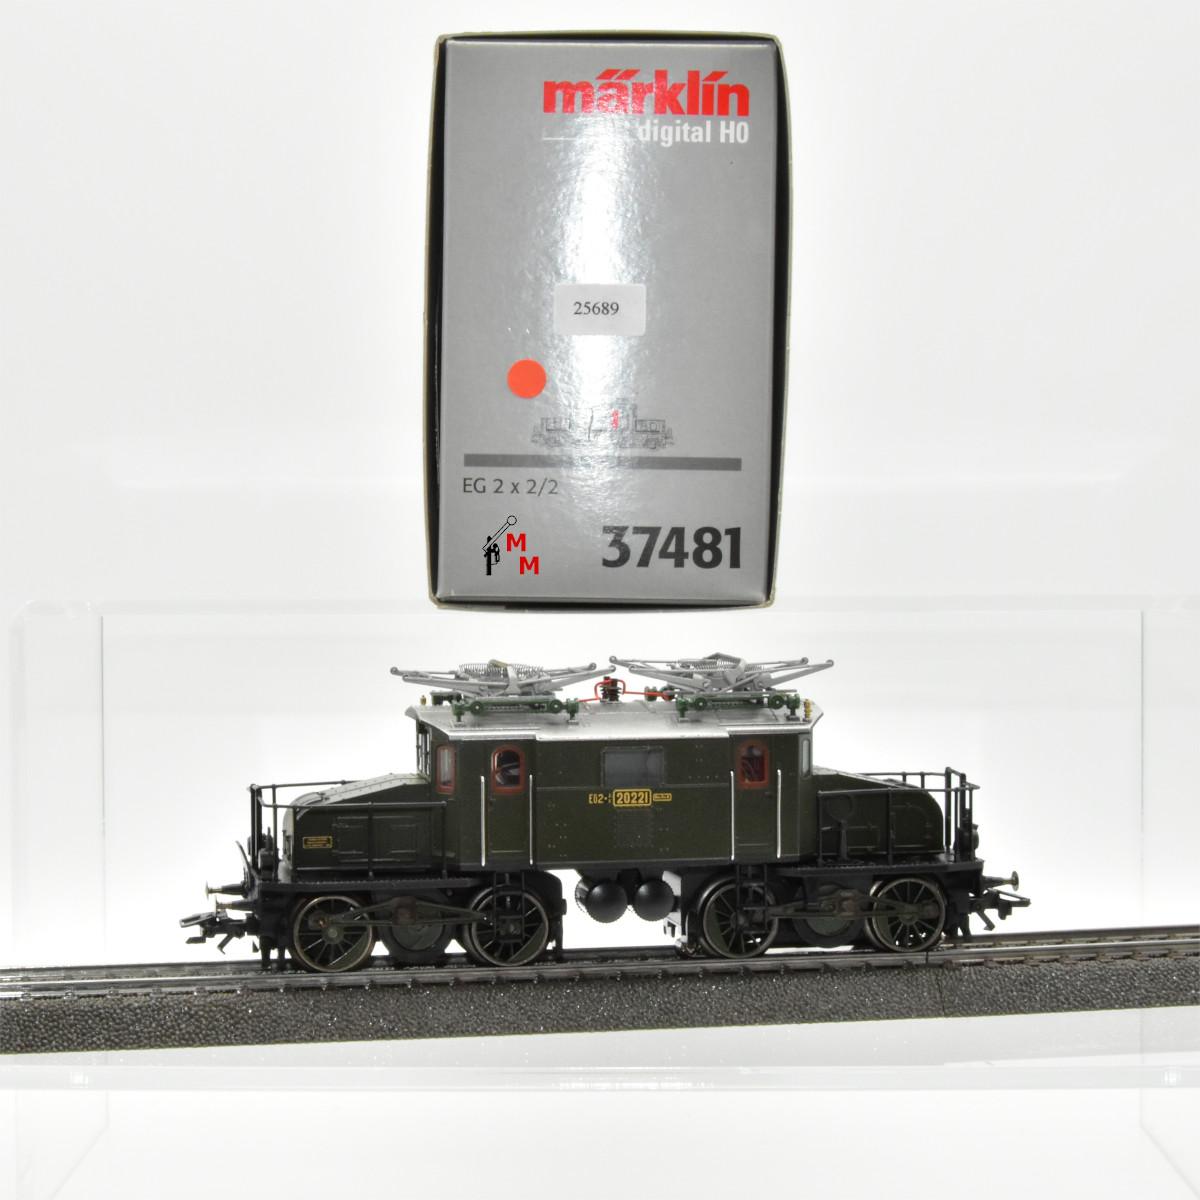 Märklin 37481 E-Lok Reihe EG 2 x 2/2 der K.Bay.Sts.B., (25689)